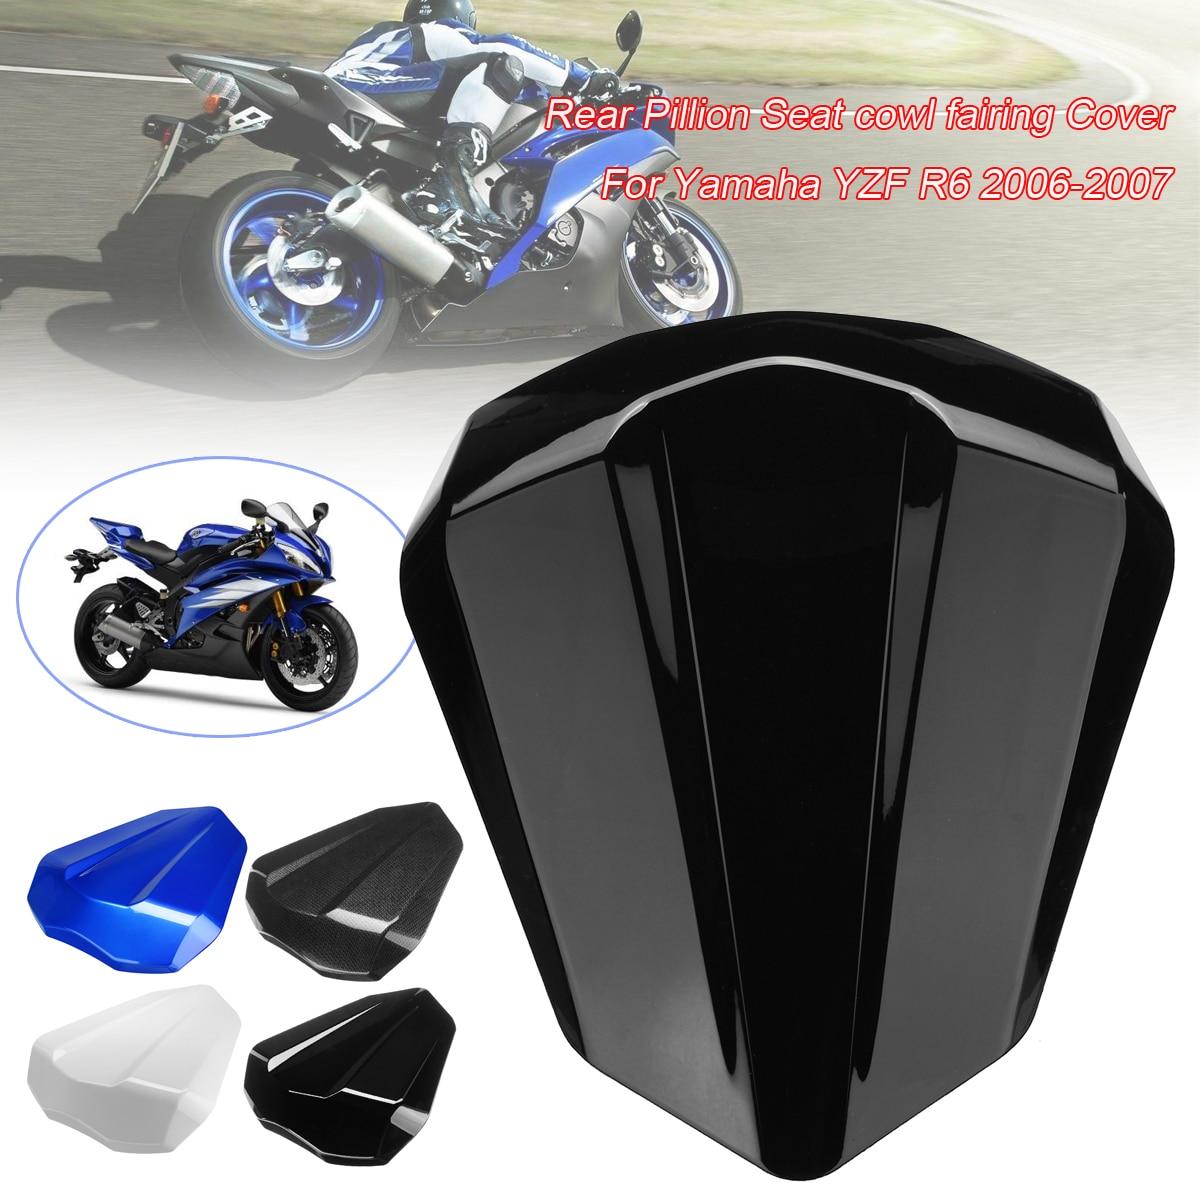 Moto Posteriore In Plastica ABS Passeggero Sedile Del Passeggero Cowl Carenatura Della Copertura 4 di Colore per Yamaha YZF R6 2006-2007